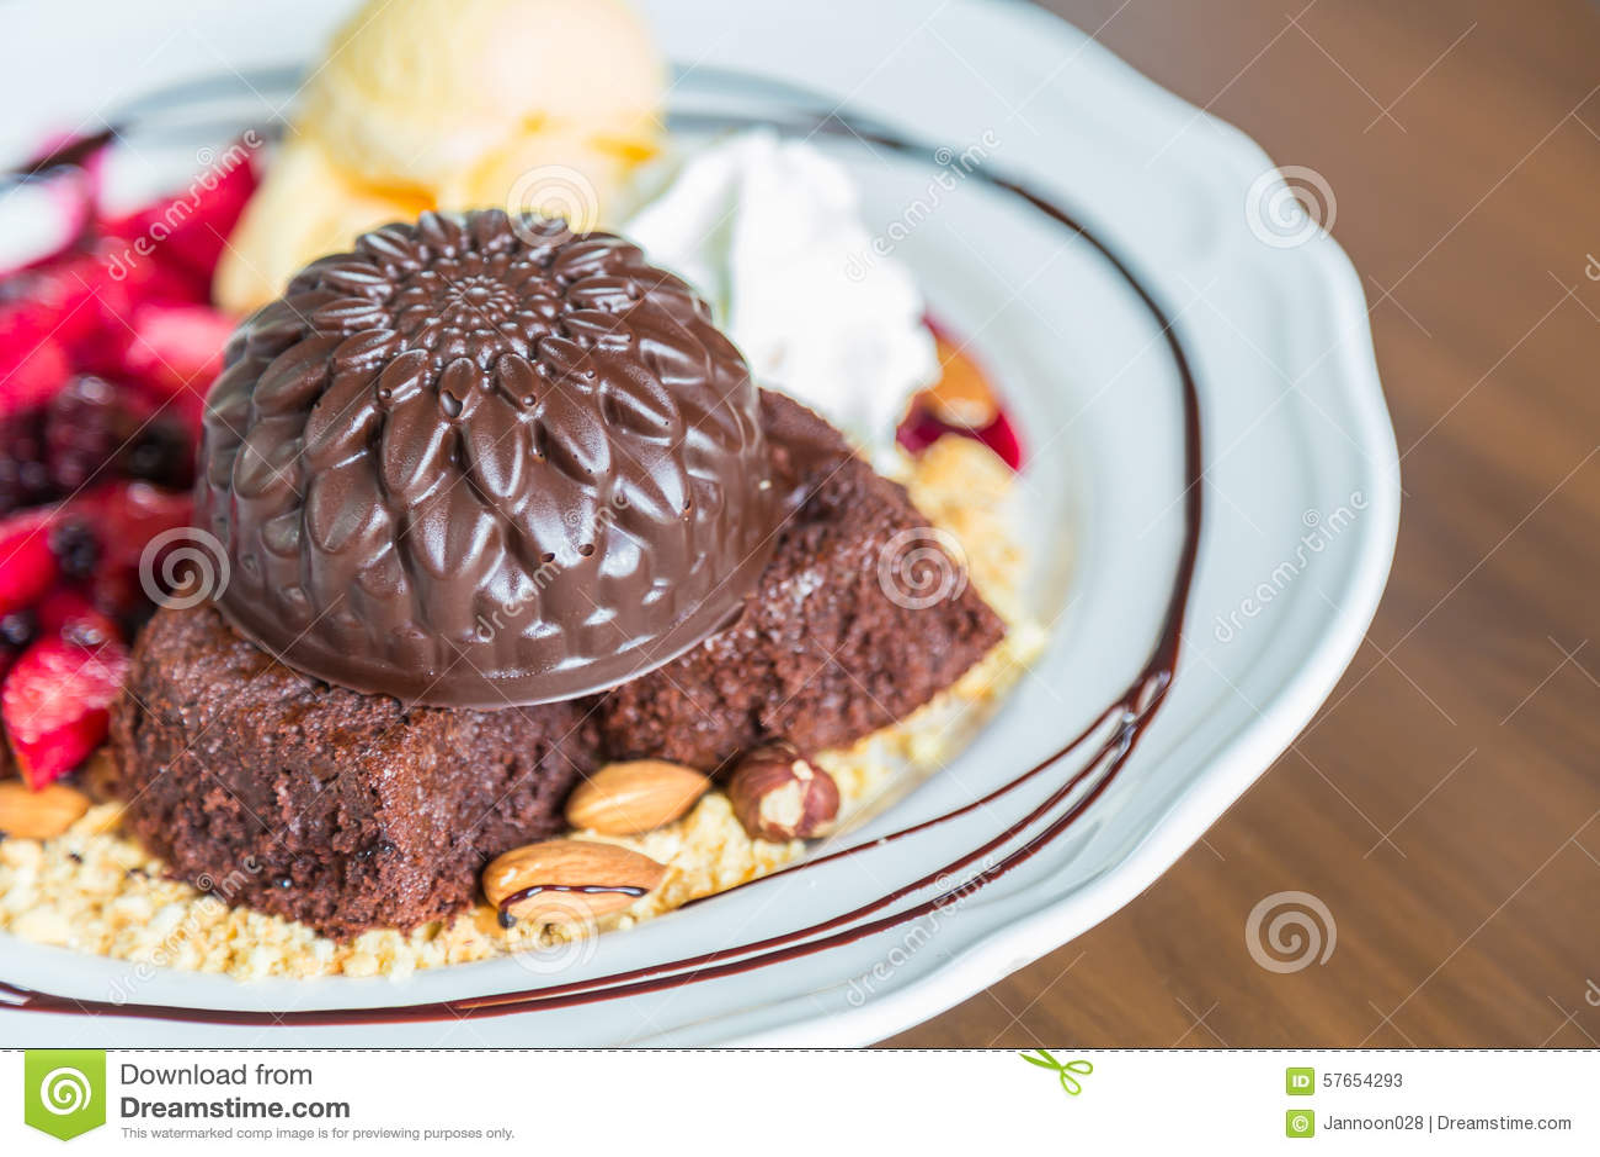 Czekoladowy tort z owocową brzoskwinią, czarny rodzynek